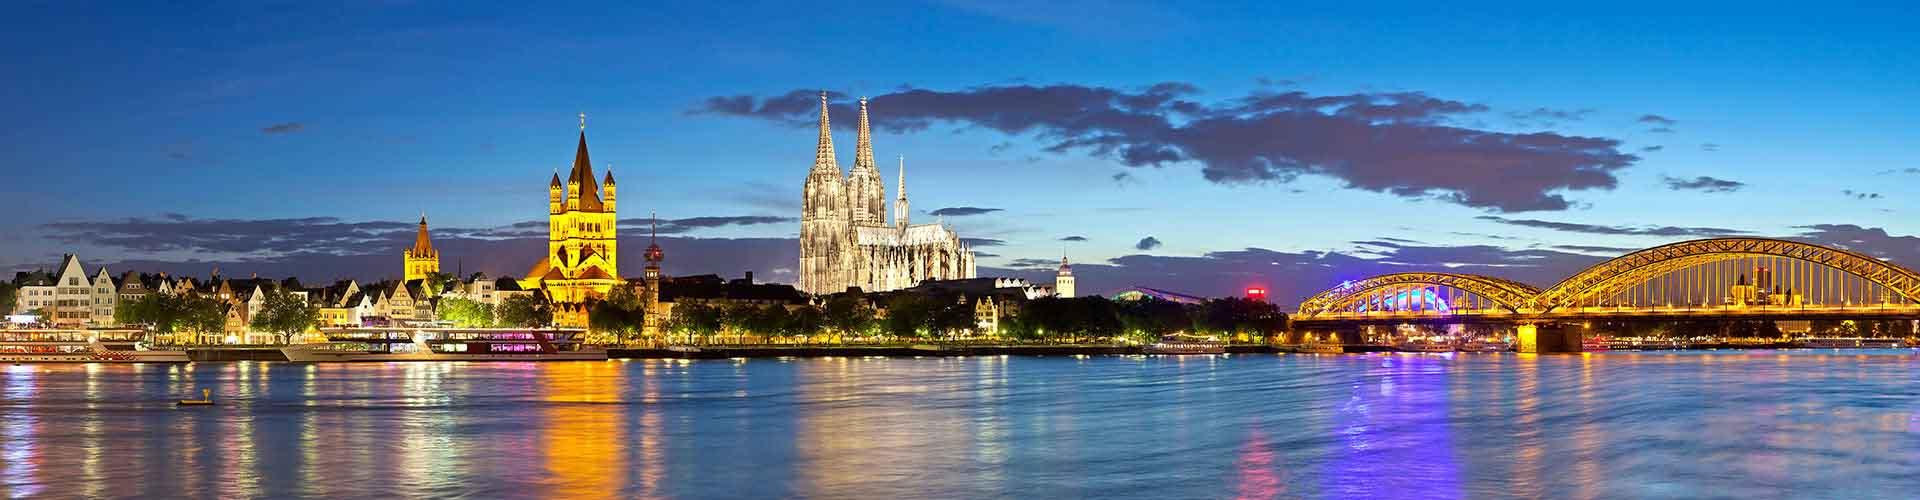 Köln - Ifjúsági Szállások Kölnben. Köln térképek, fotók és ajánlások minden egyes ifjúsági szállásokra Köln-ben.